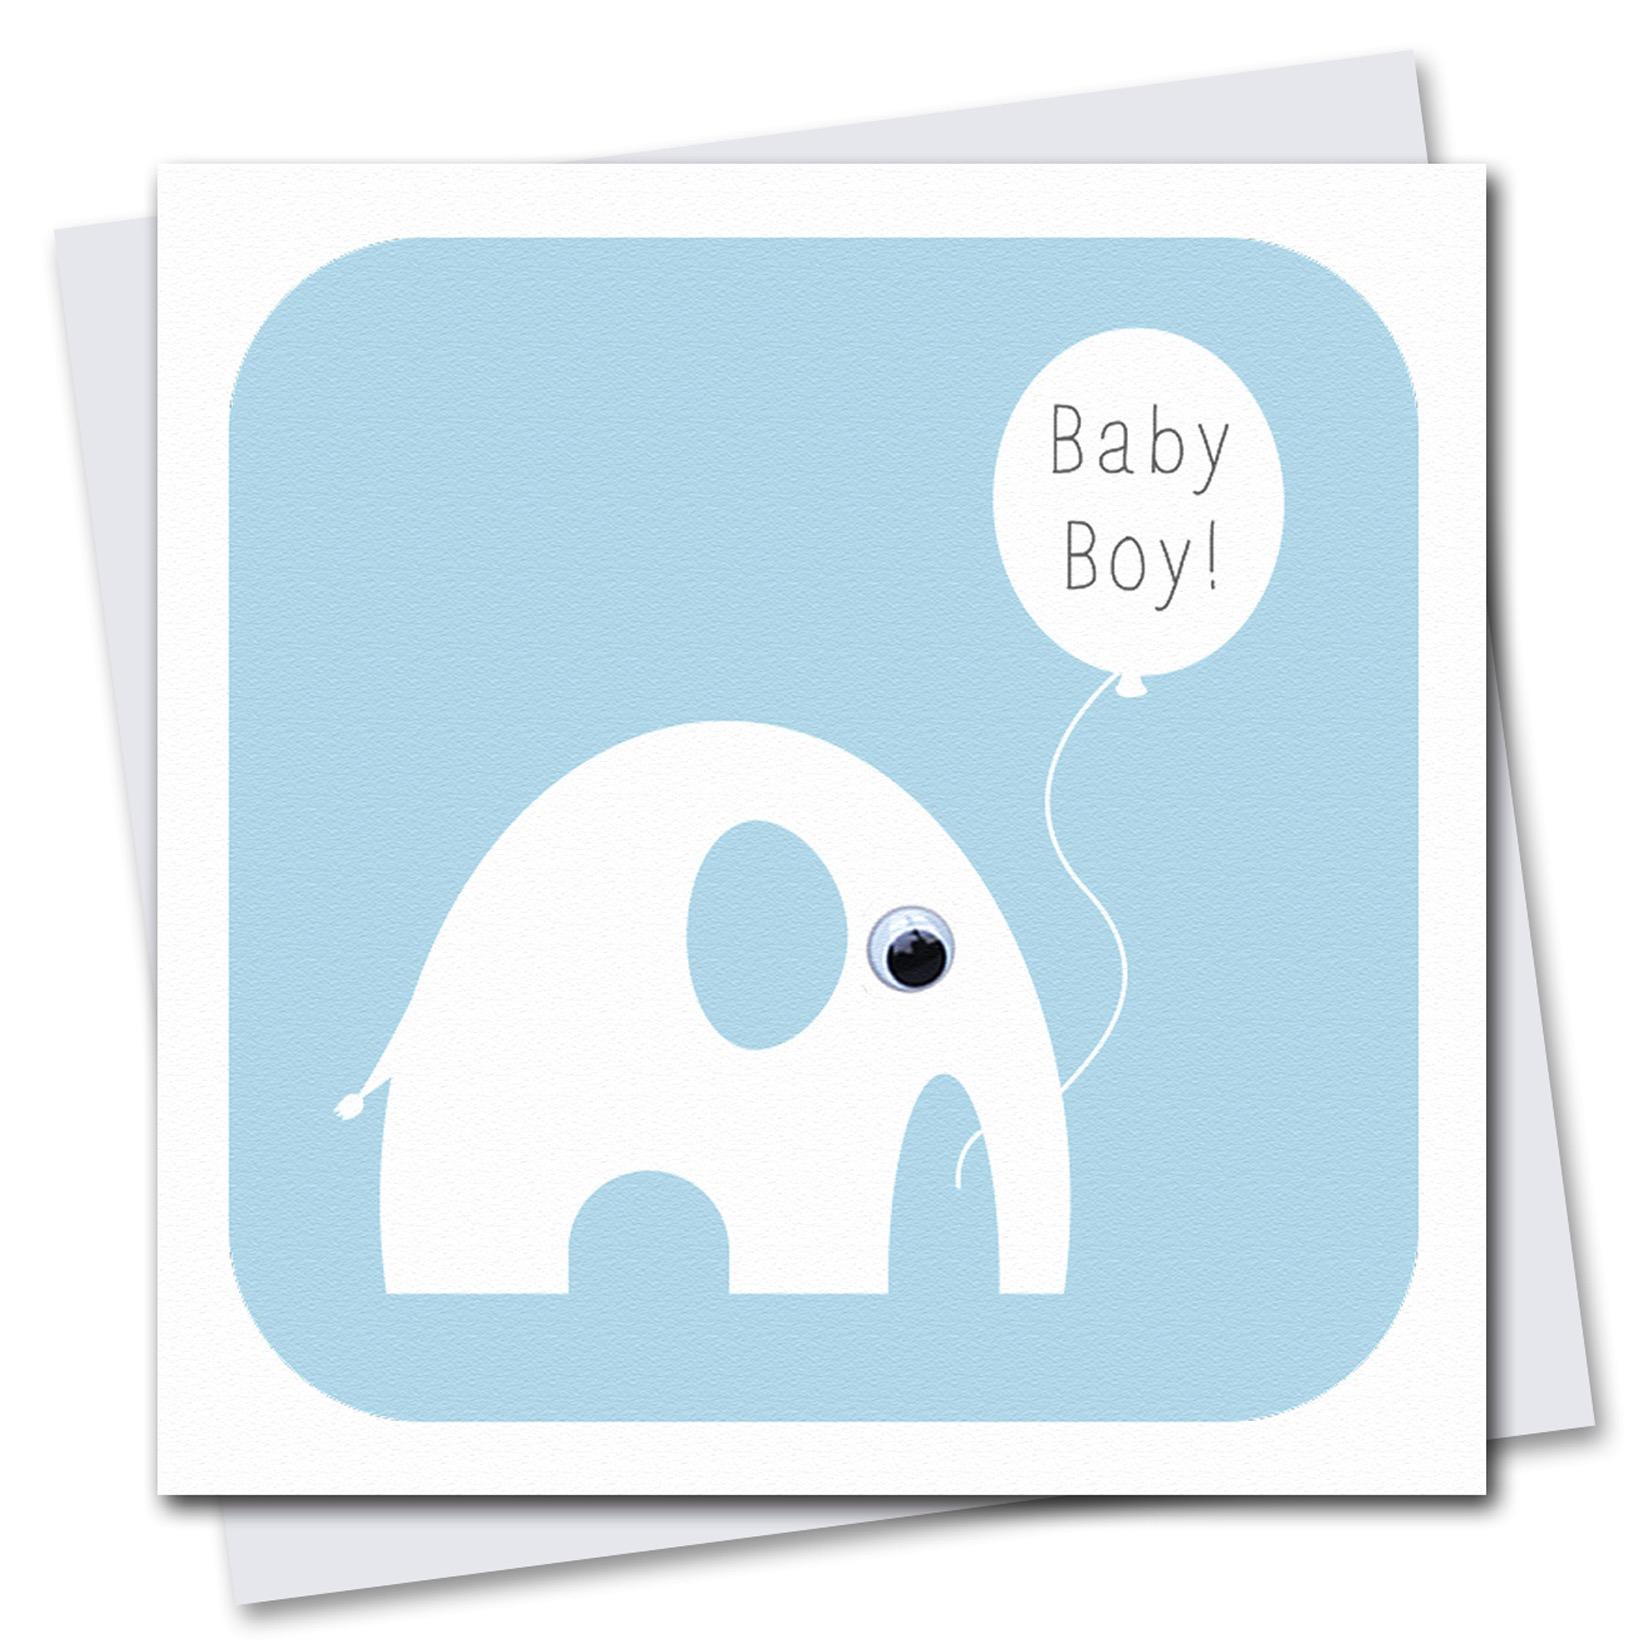 612-Baby-Boy-Childrens-Birthday-Card-by-Stripey-Cats